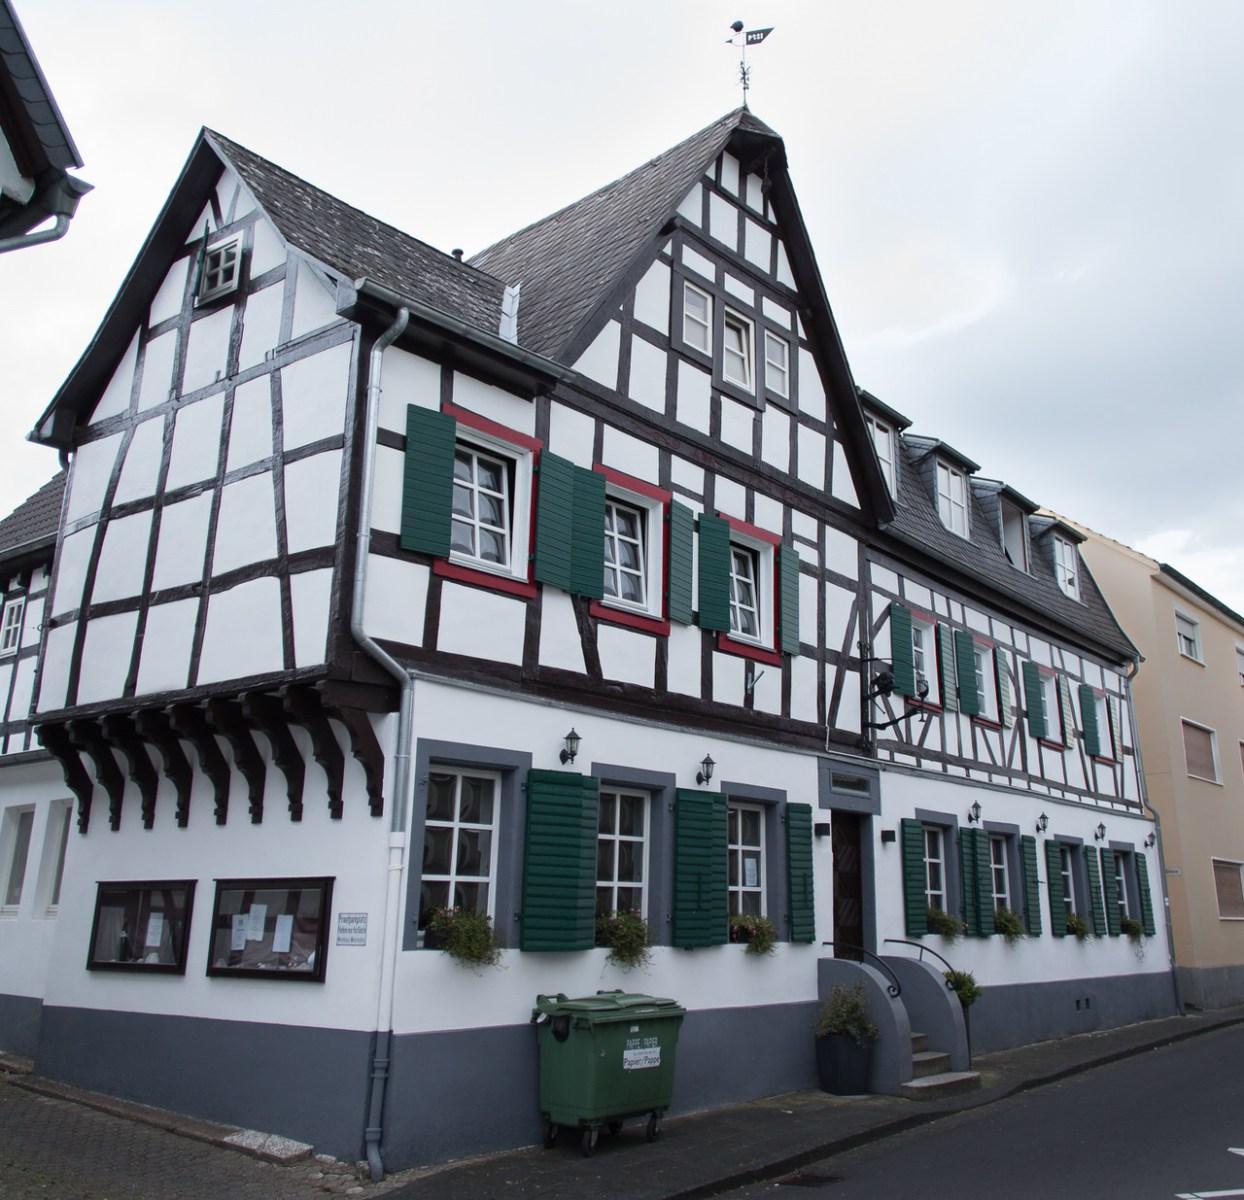 Das Weinhaus Weinmühle in Königswinter-Oberdollendorf. Foto: Andreas Paul / Paul van Groove